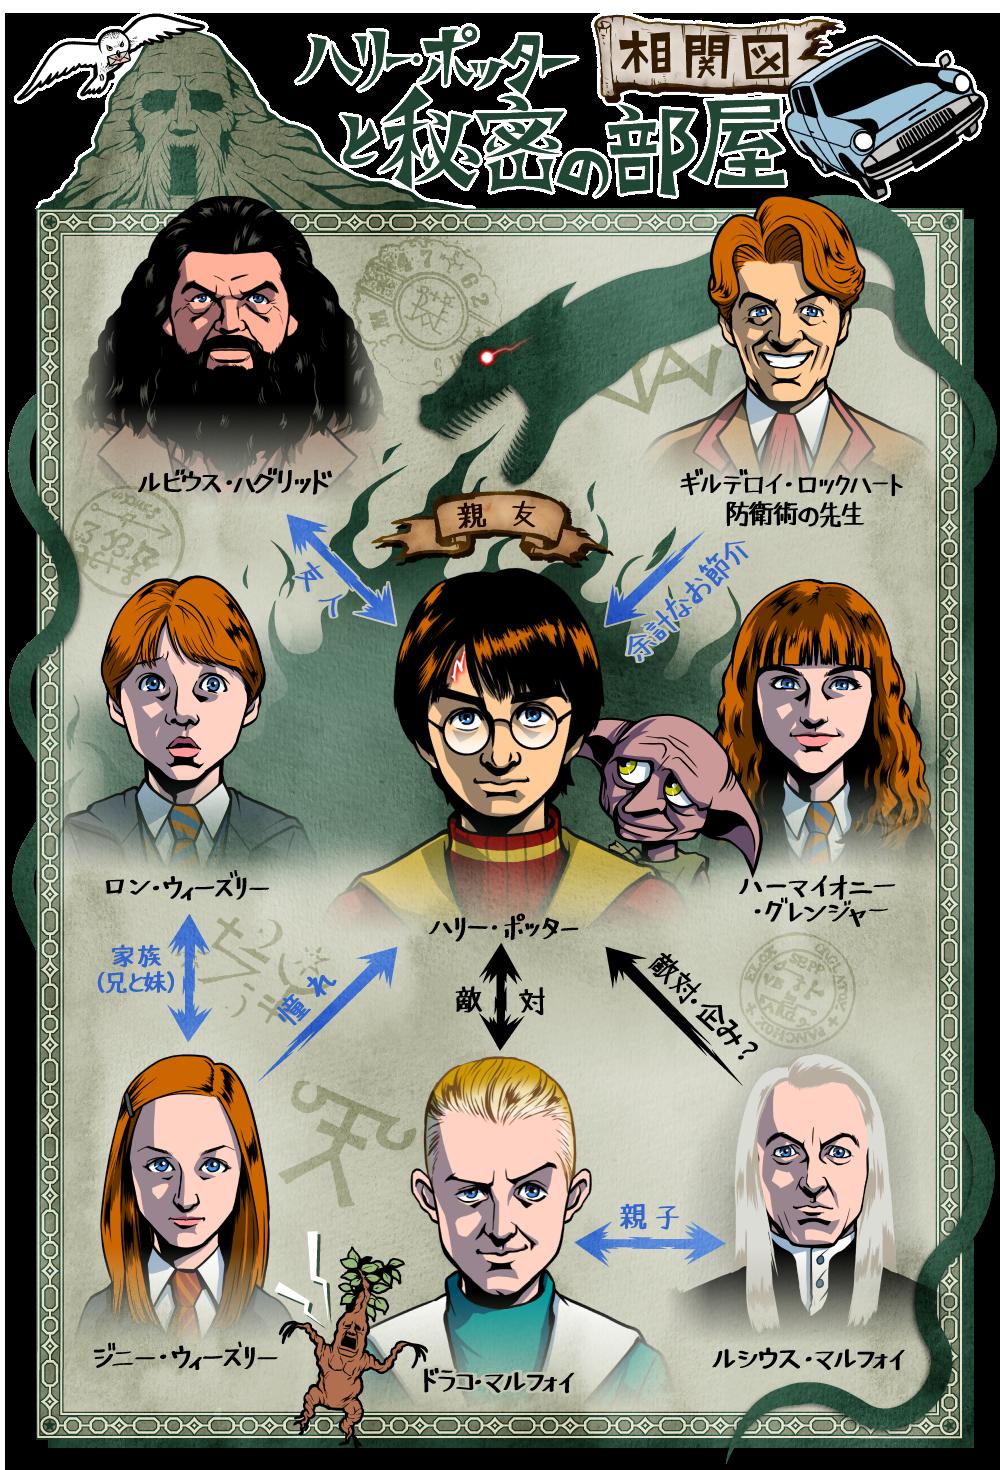 ハリー・ポッターと秘密の部屋の人物相関図